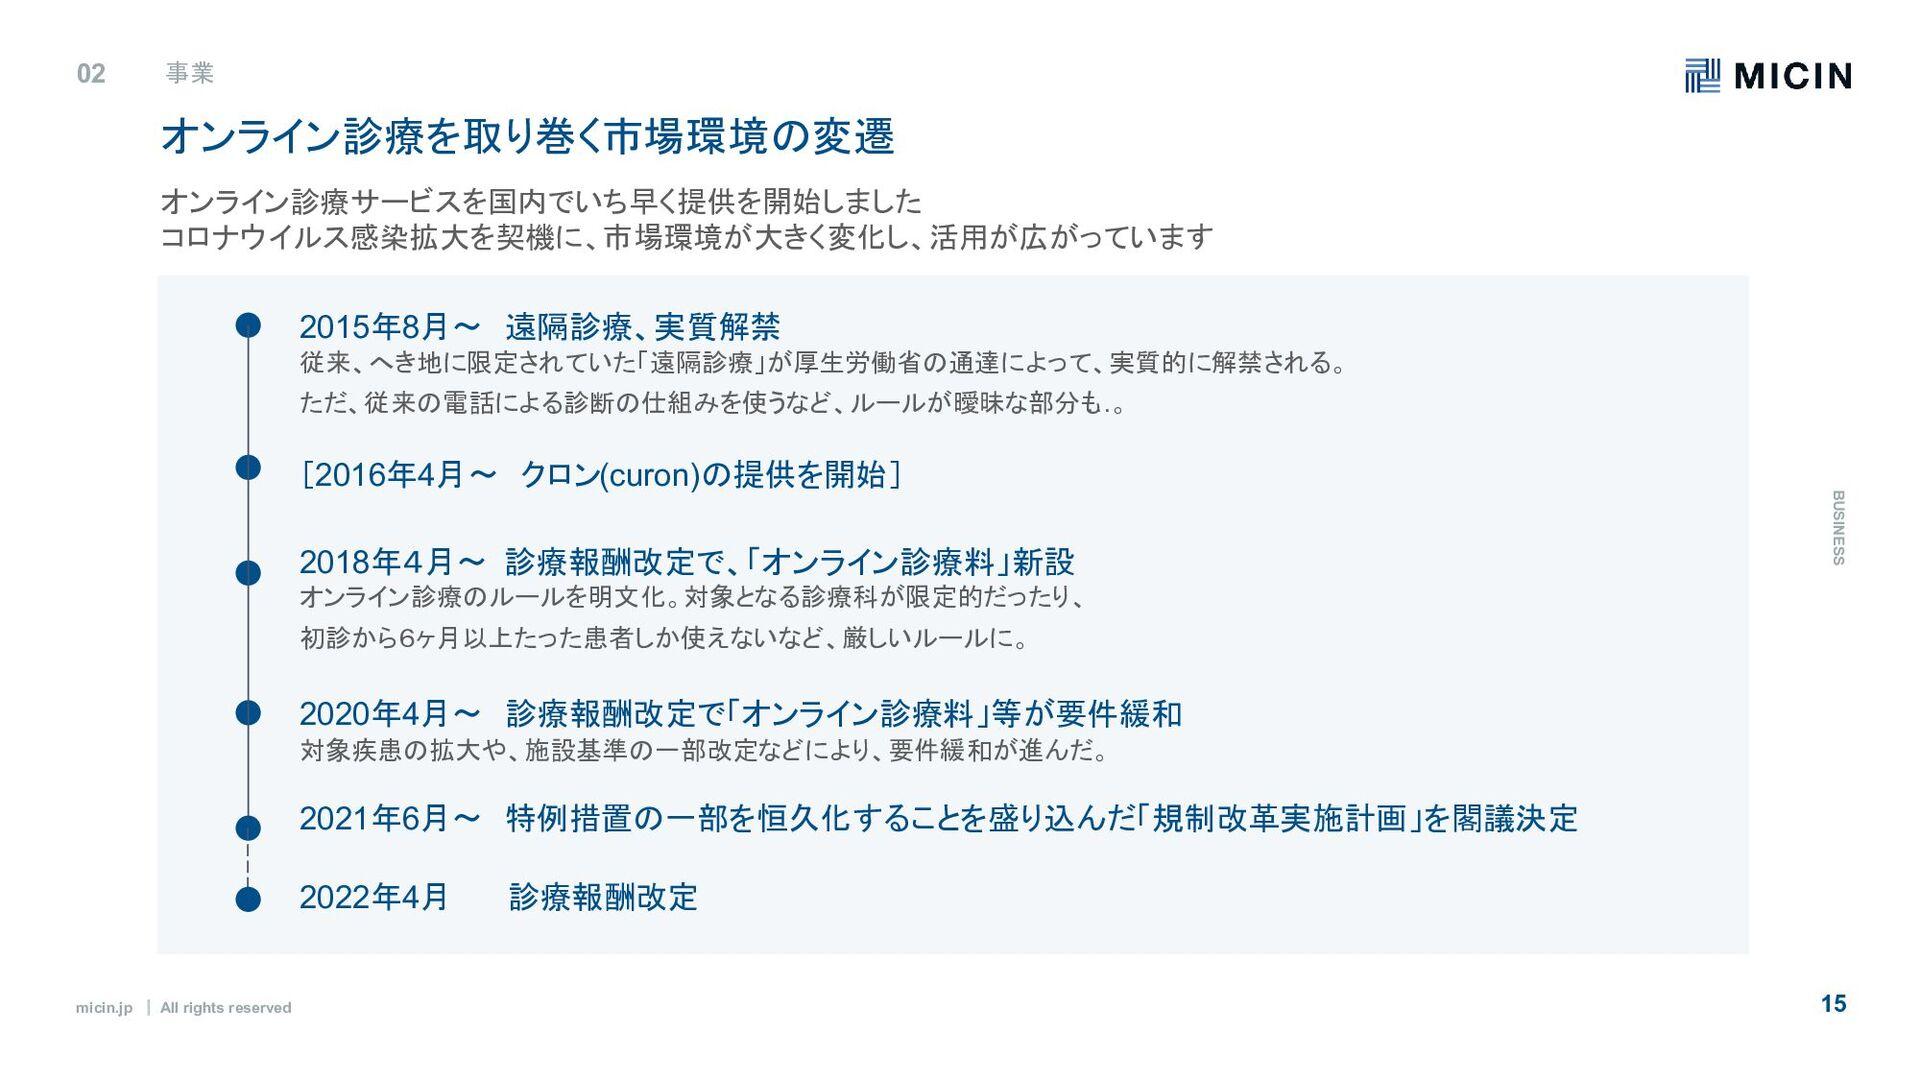 micin.jp ʛ All rights reserved 15 02 事業 B U S I...